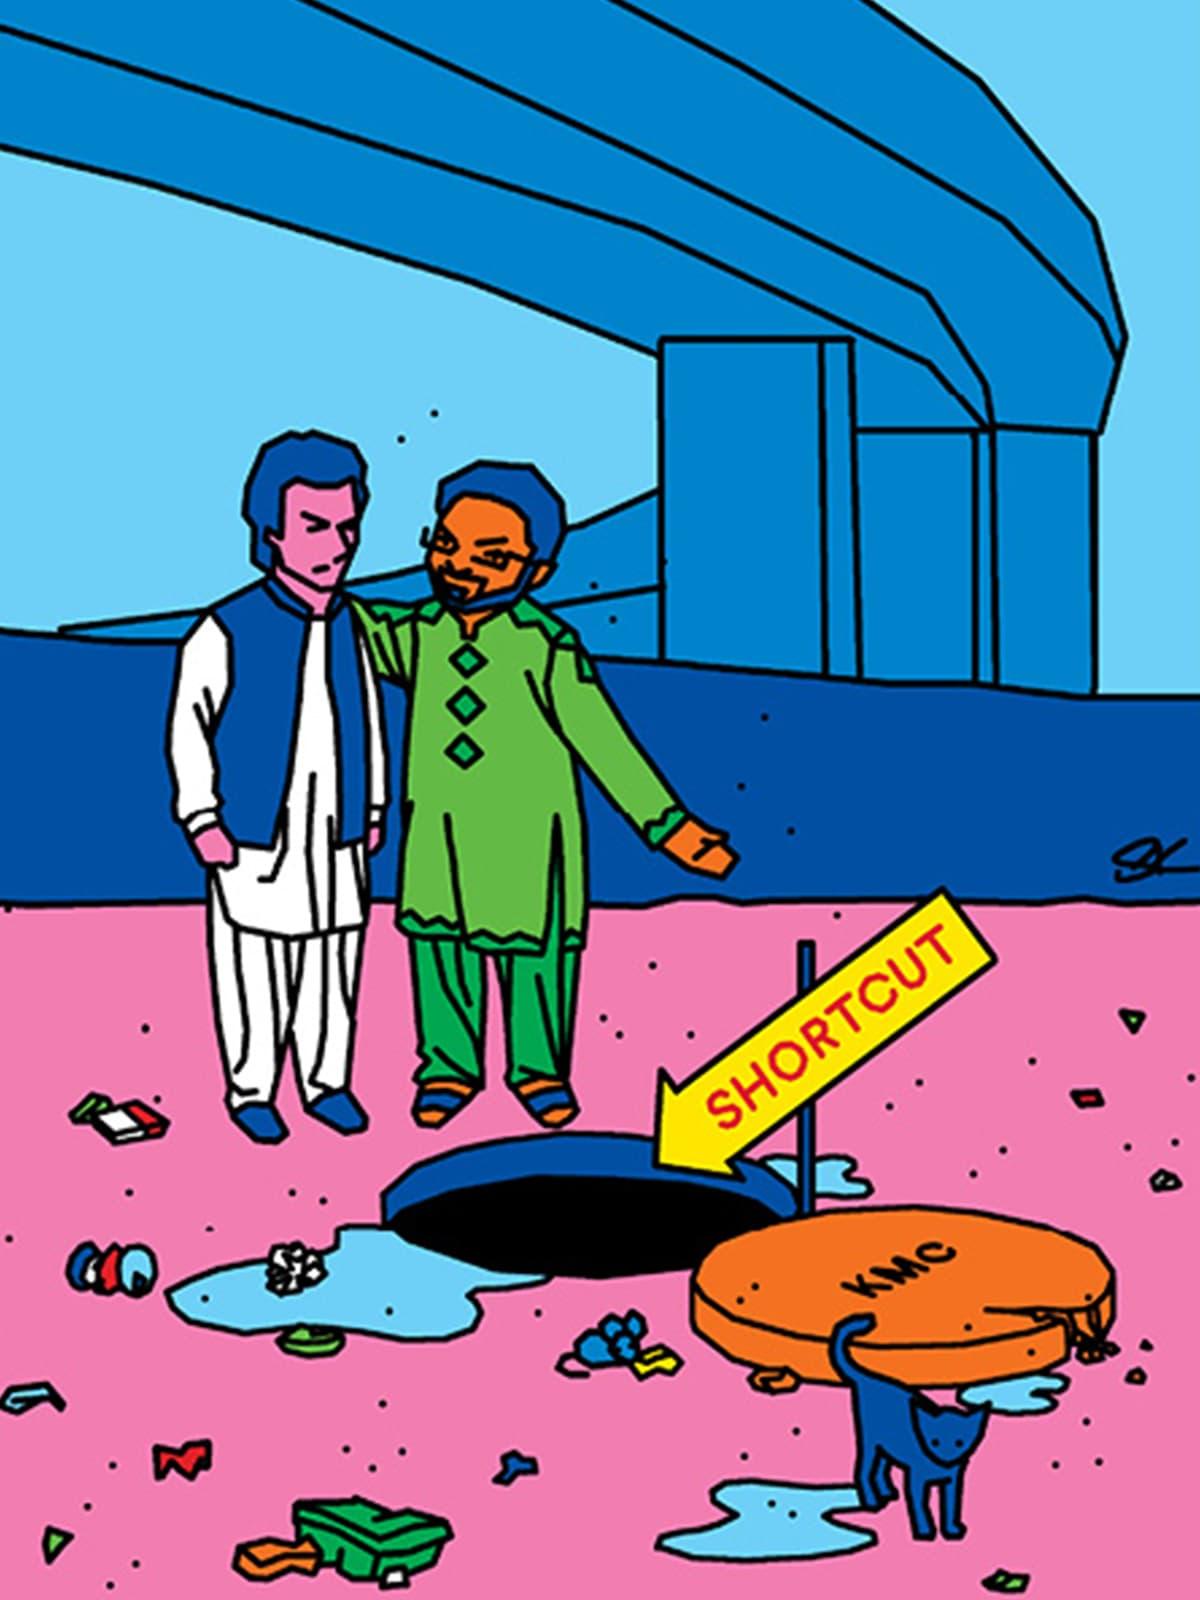 Illustration by Saad Khurshid